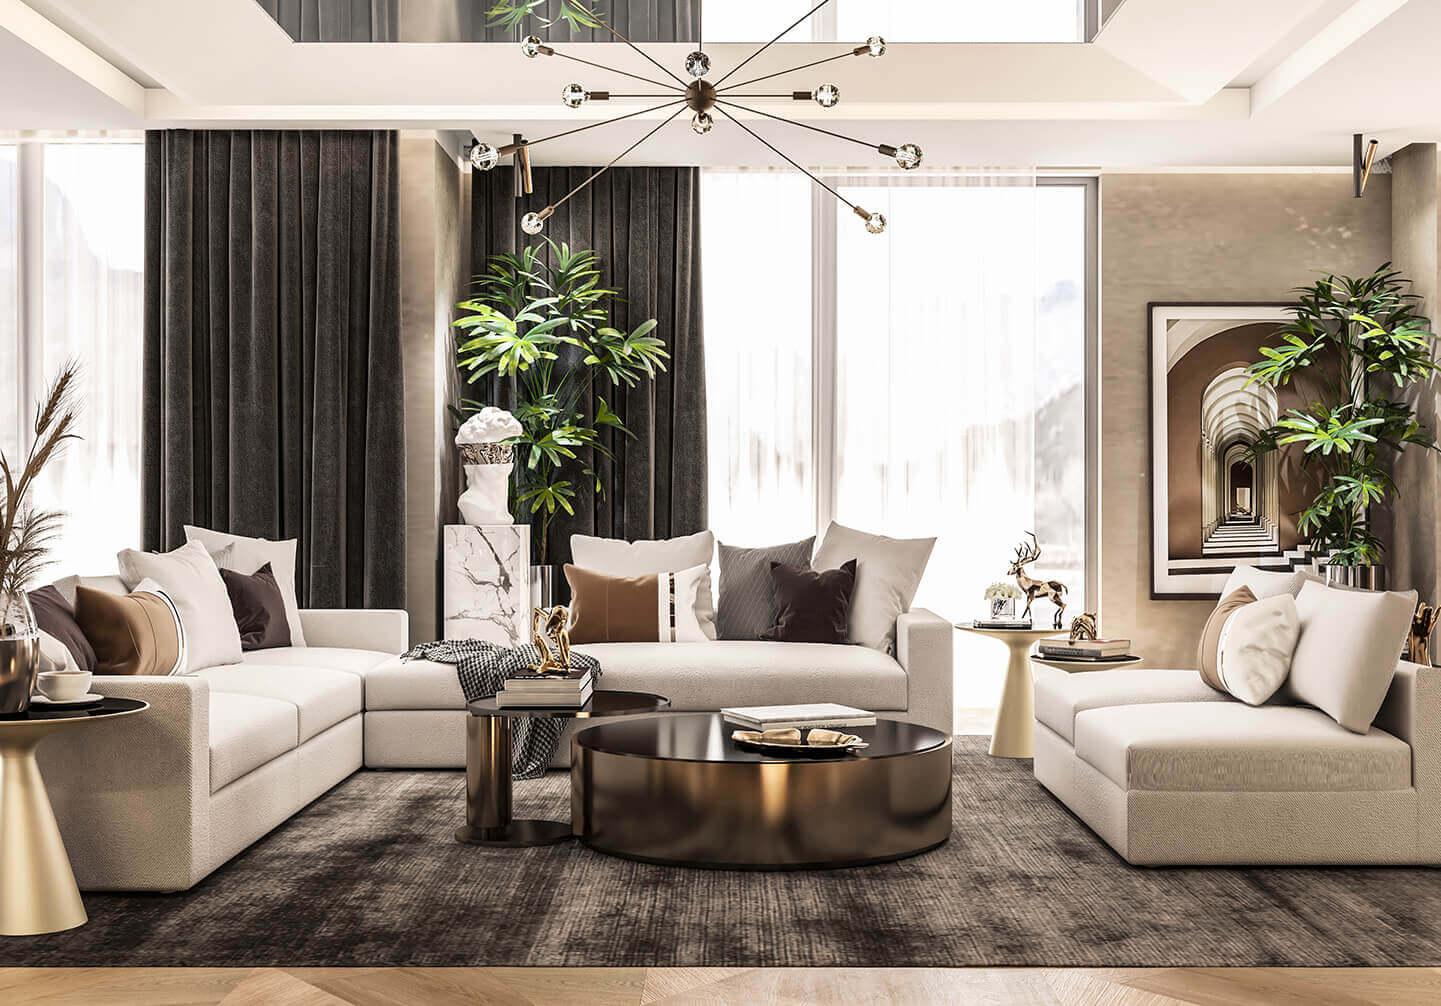 interioren-dizain-proekt-na-luksozna-kashta-vsekidnevna-2-Esteta